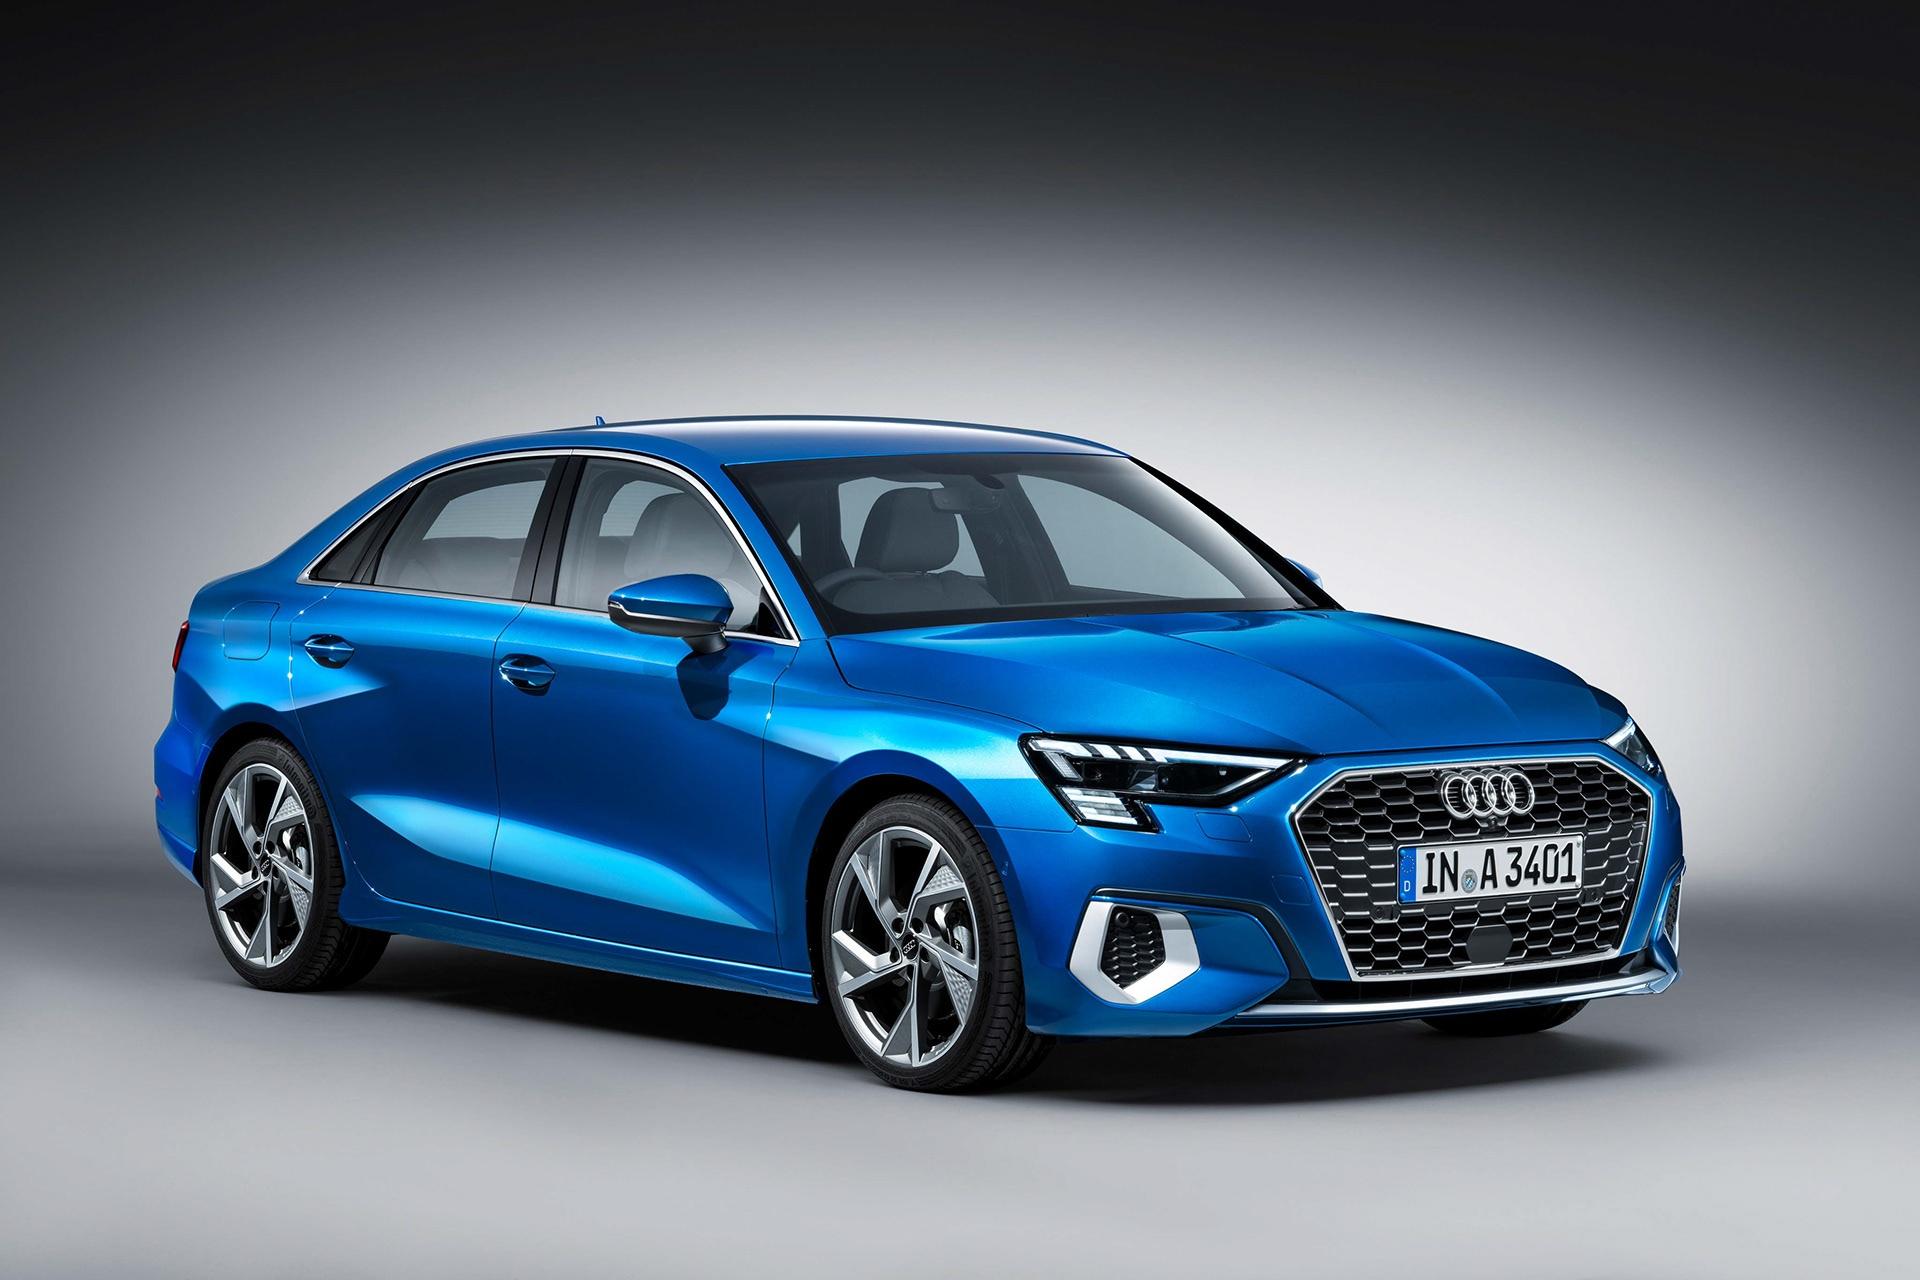 Audi A3 Sedan 2020 - gdyby powstało to byłoby najpiękniejsze